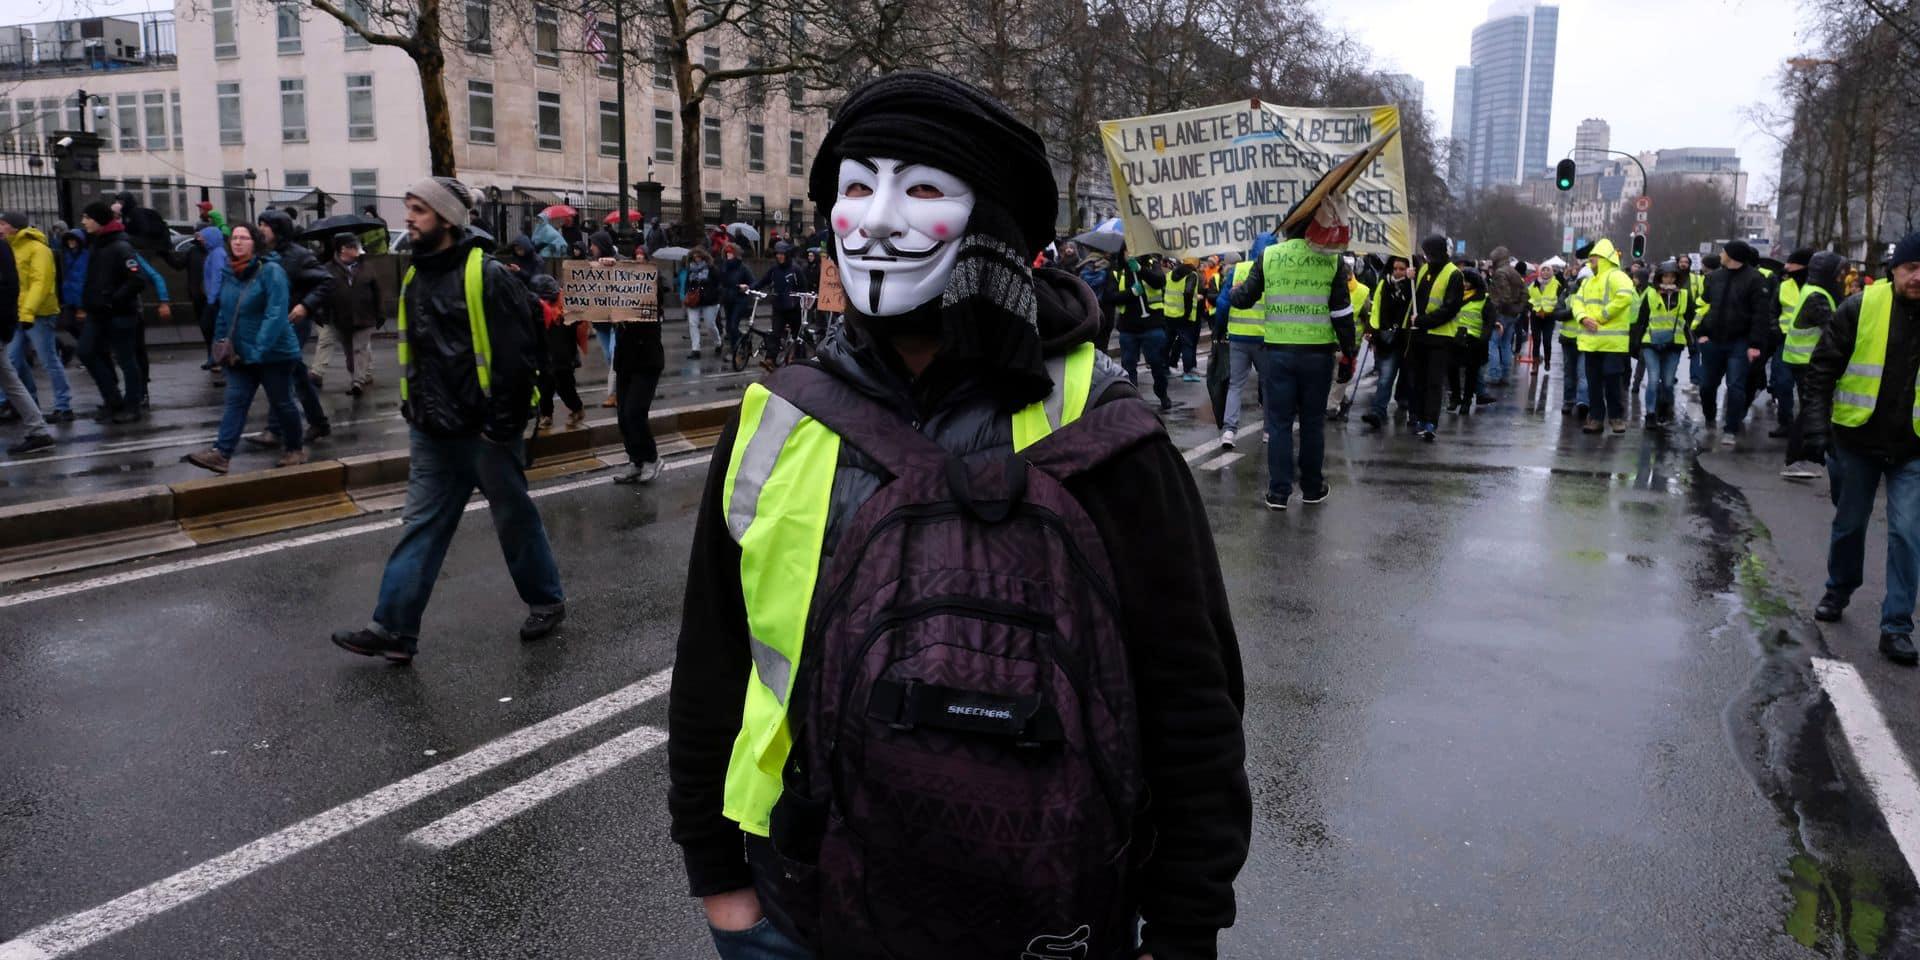 Marche pour le climat - La police appelle à envoyer des images permettant d'identifier les fauteurs de troubles